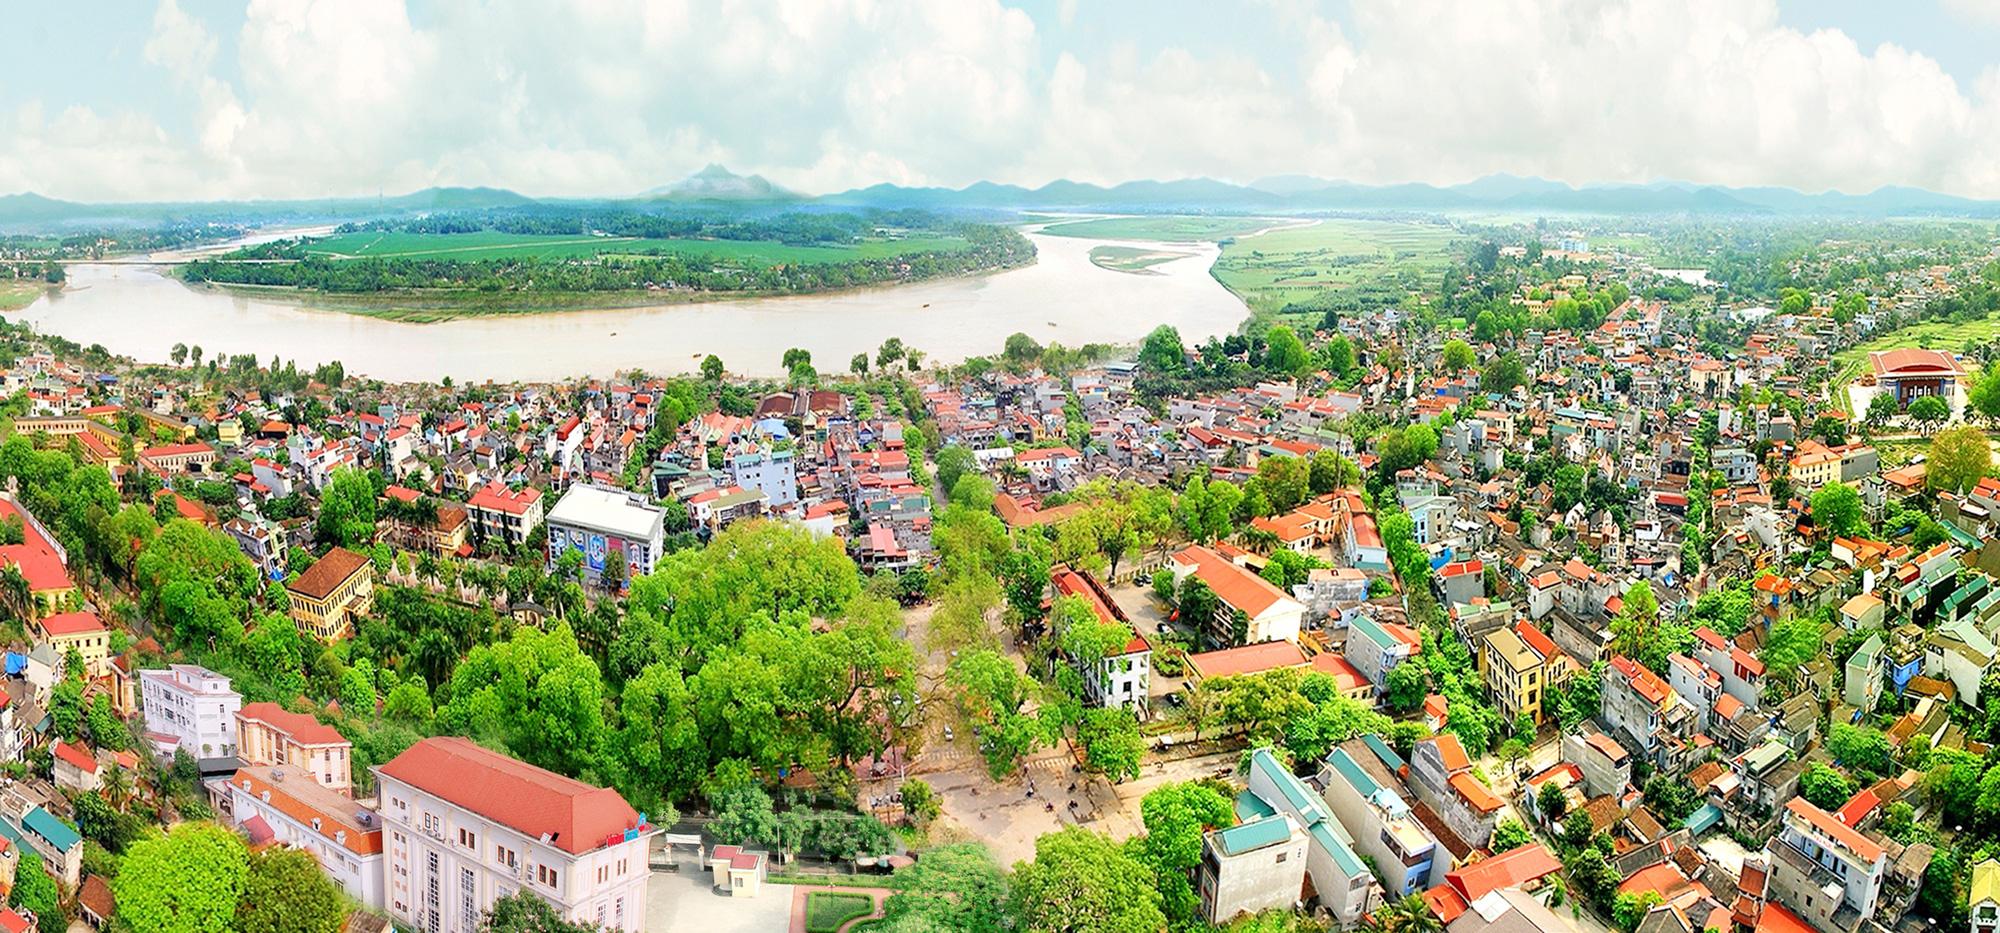 Phú Thọ sơ tuyển nhà đầu tư xây dựng khu dân cư hơn 1.400 tỉ đồng - Ảnh 1.